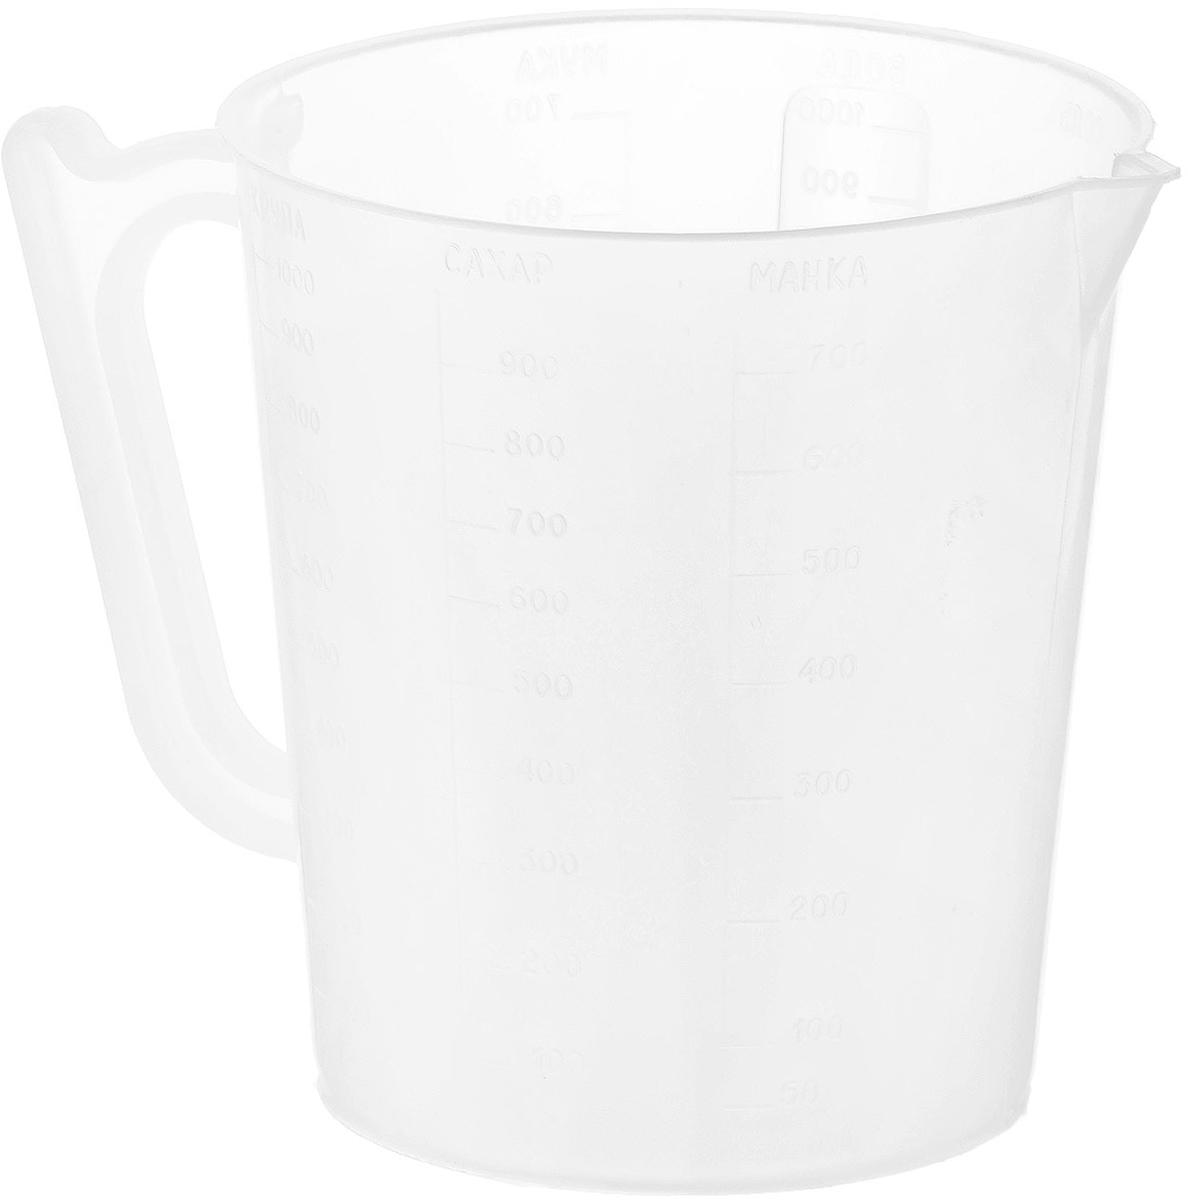 Мерный стакан Хозяюшка Мила, 1 л54 009312Мерный стакан Хозяюшка Мила, выполненный из плотного полипропилена, станет незаменимым аксессуаром на вашей кухне, ведь зачастую для приготовления блюд необходима точность. Стакан имеет удобную ручку и носик, которые делают изделие еще более простым в использовании. Стакан позволяет мерить жидкости до 1000 мл.Диаметр стакана по верхнему краю: 12 см.Высота стакана: 13,5 см.Не рекомендуется мыть стакан в посудомоечной машине.